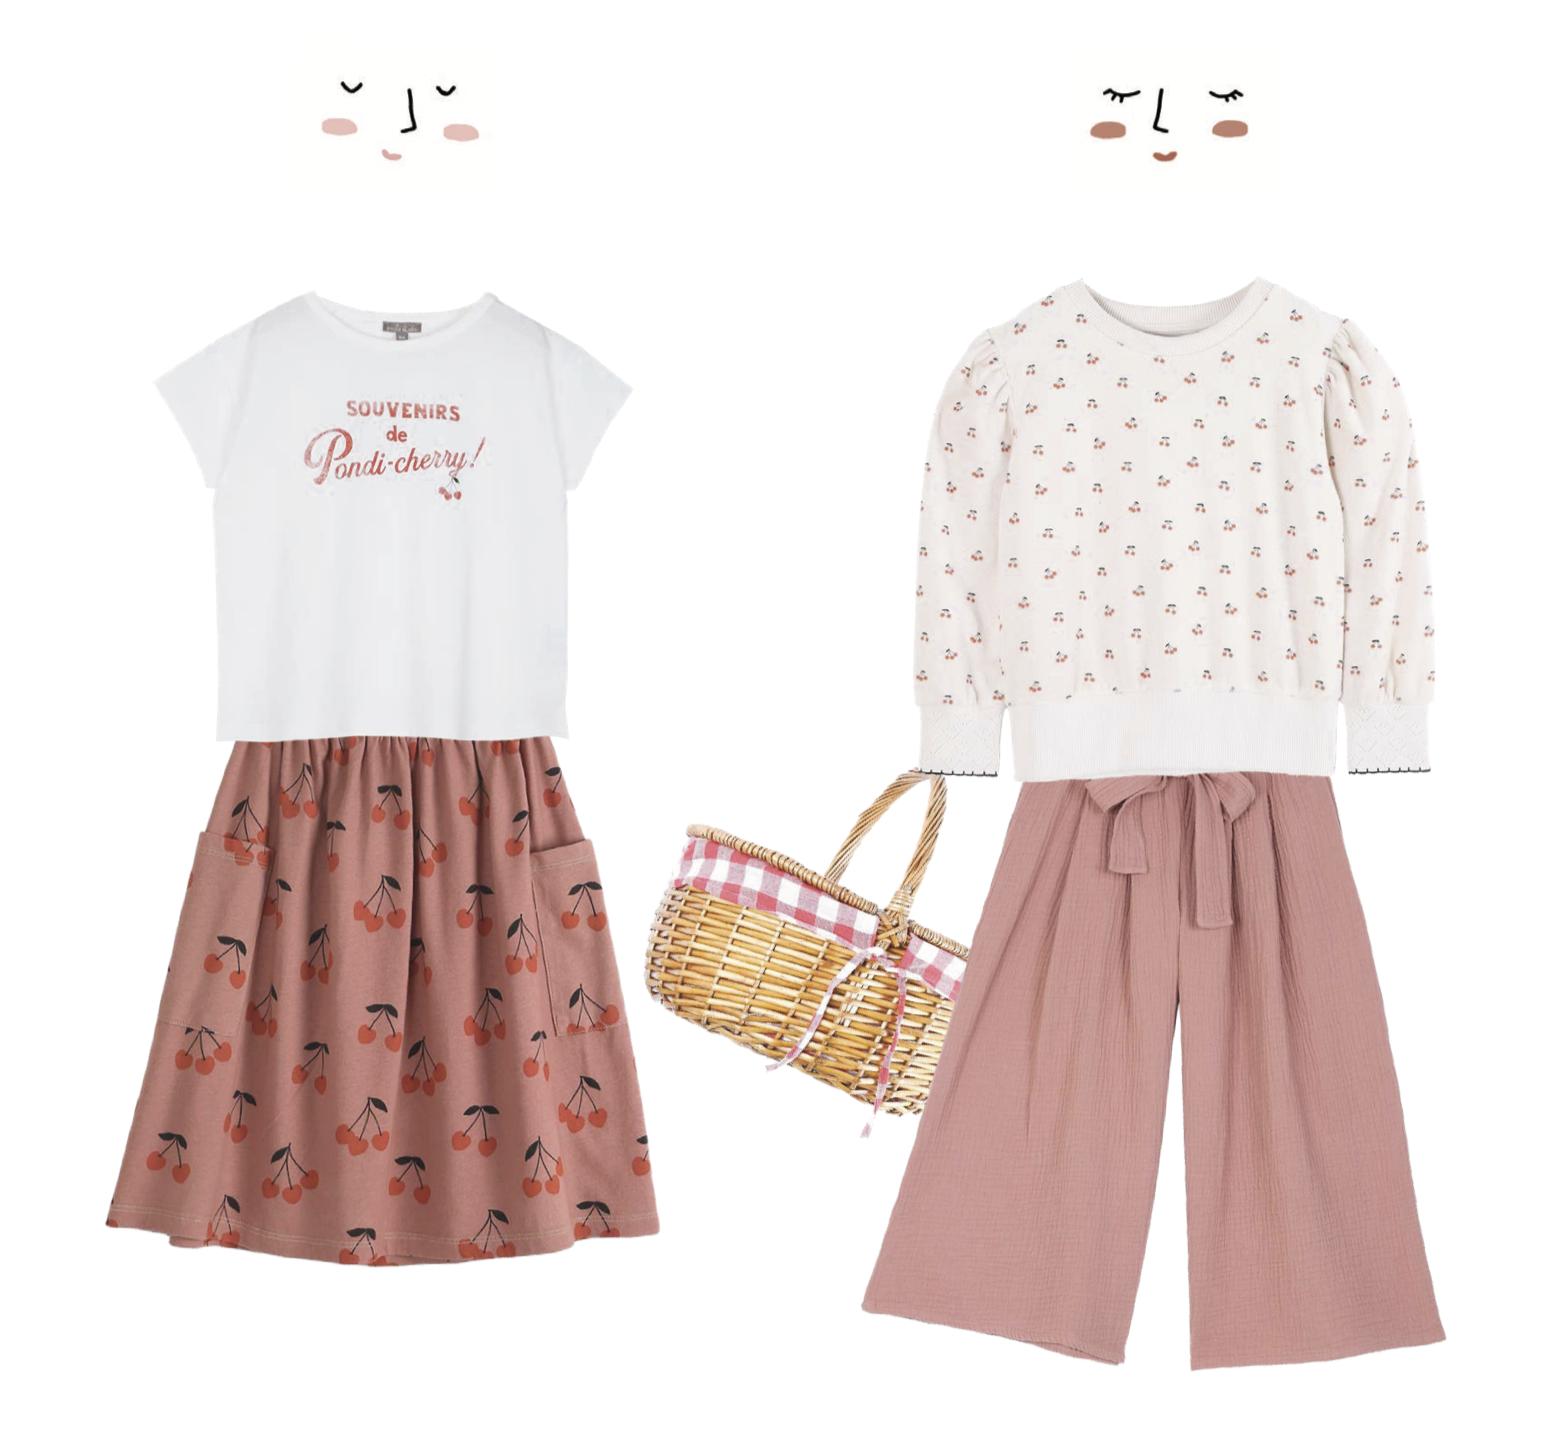 Emile et Ida Tee Shirt Souvenirs de Pondi-Cherry (t-shirt)-2